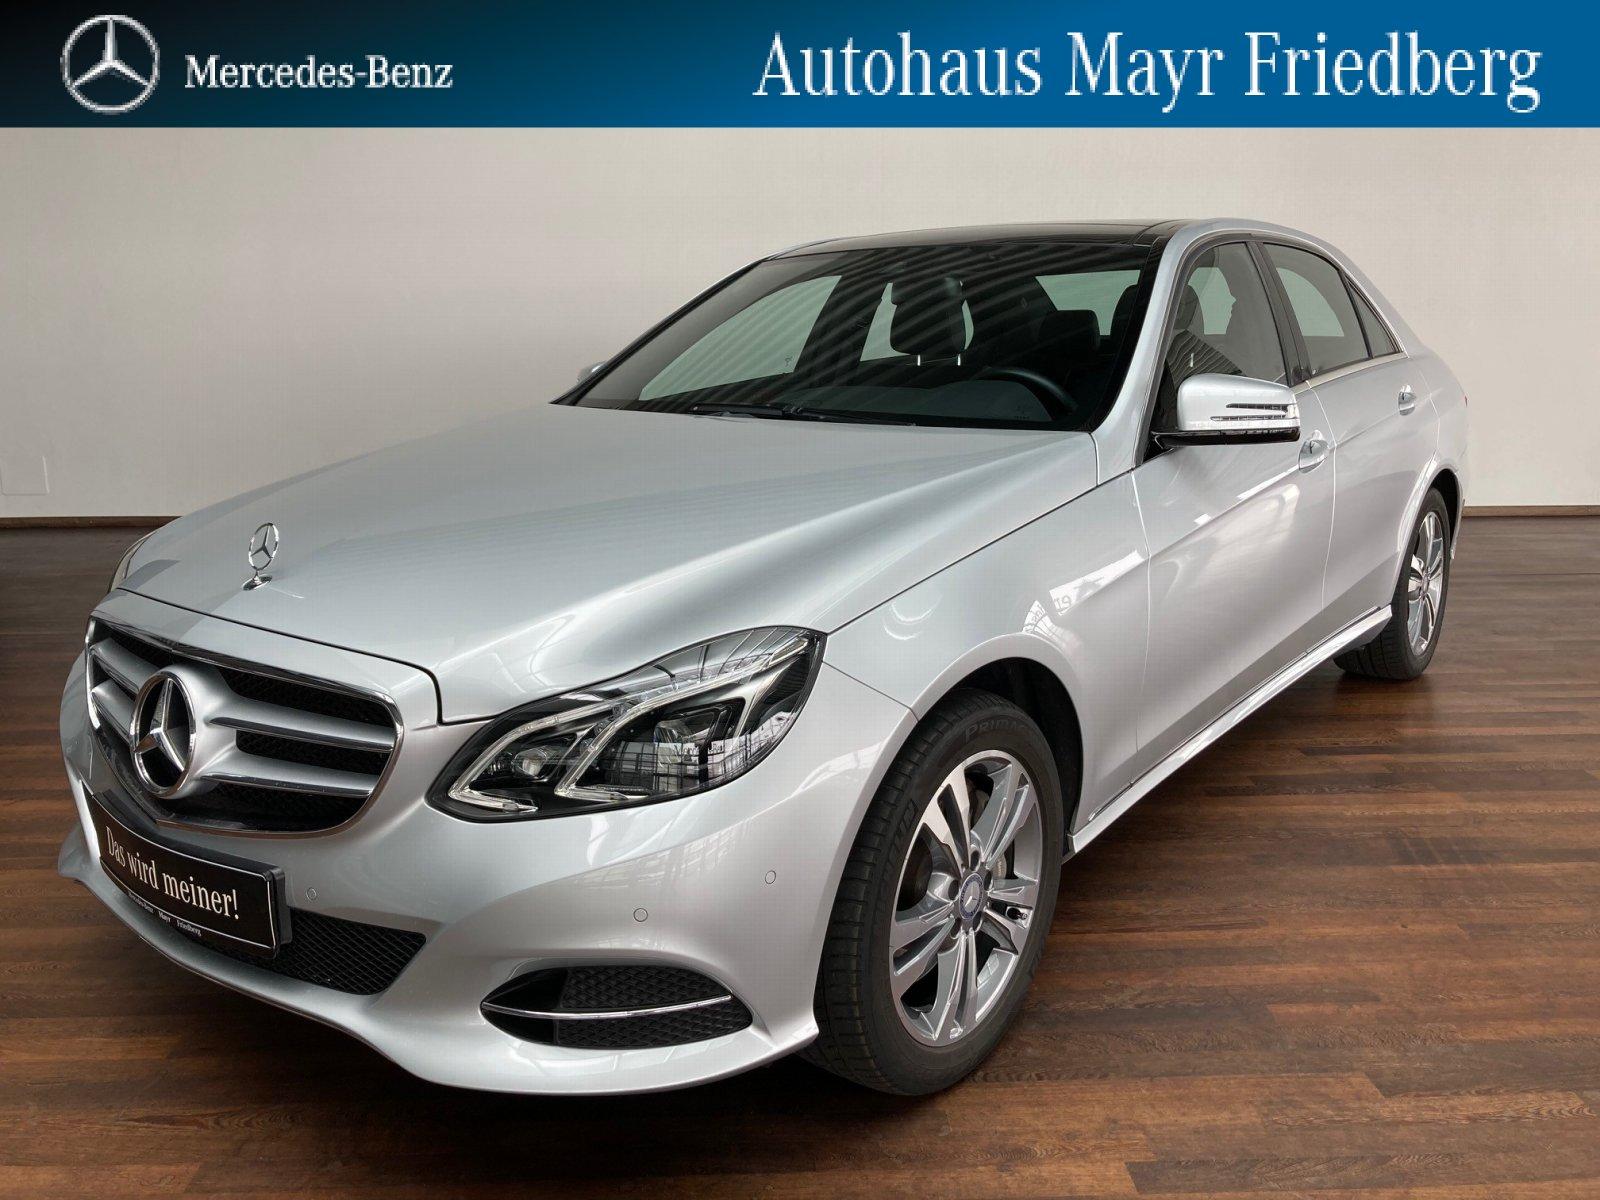 Mercedes-Benz E 400 AVANTGARDE +NAVI+PANO+LED+MEMORY+8-FACH, Jahr 2013, Benzin